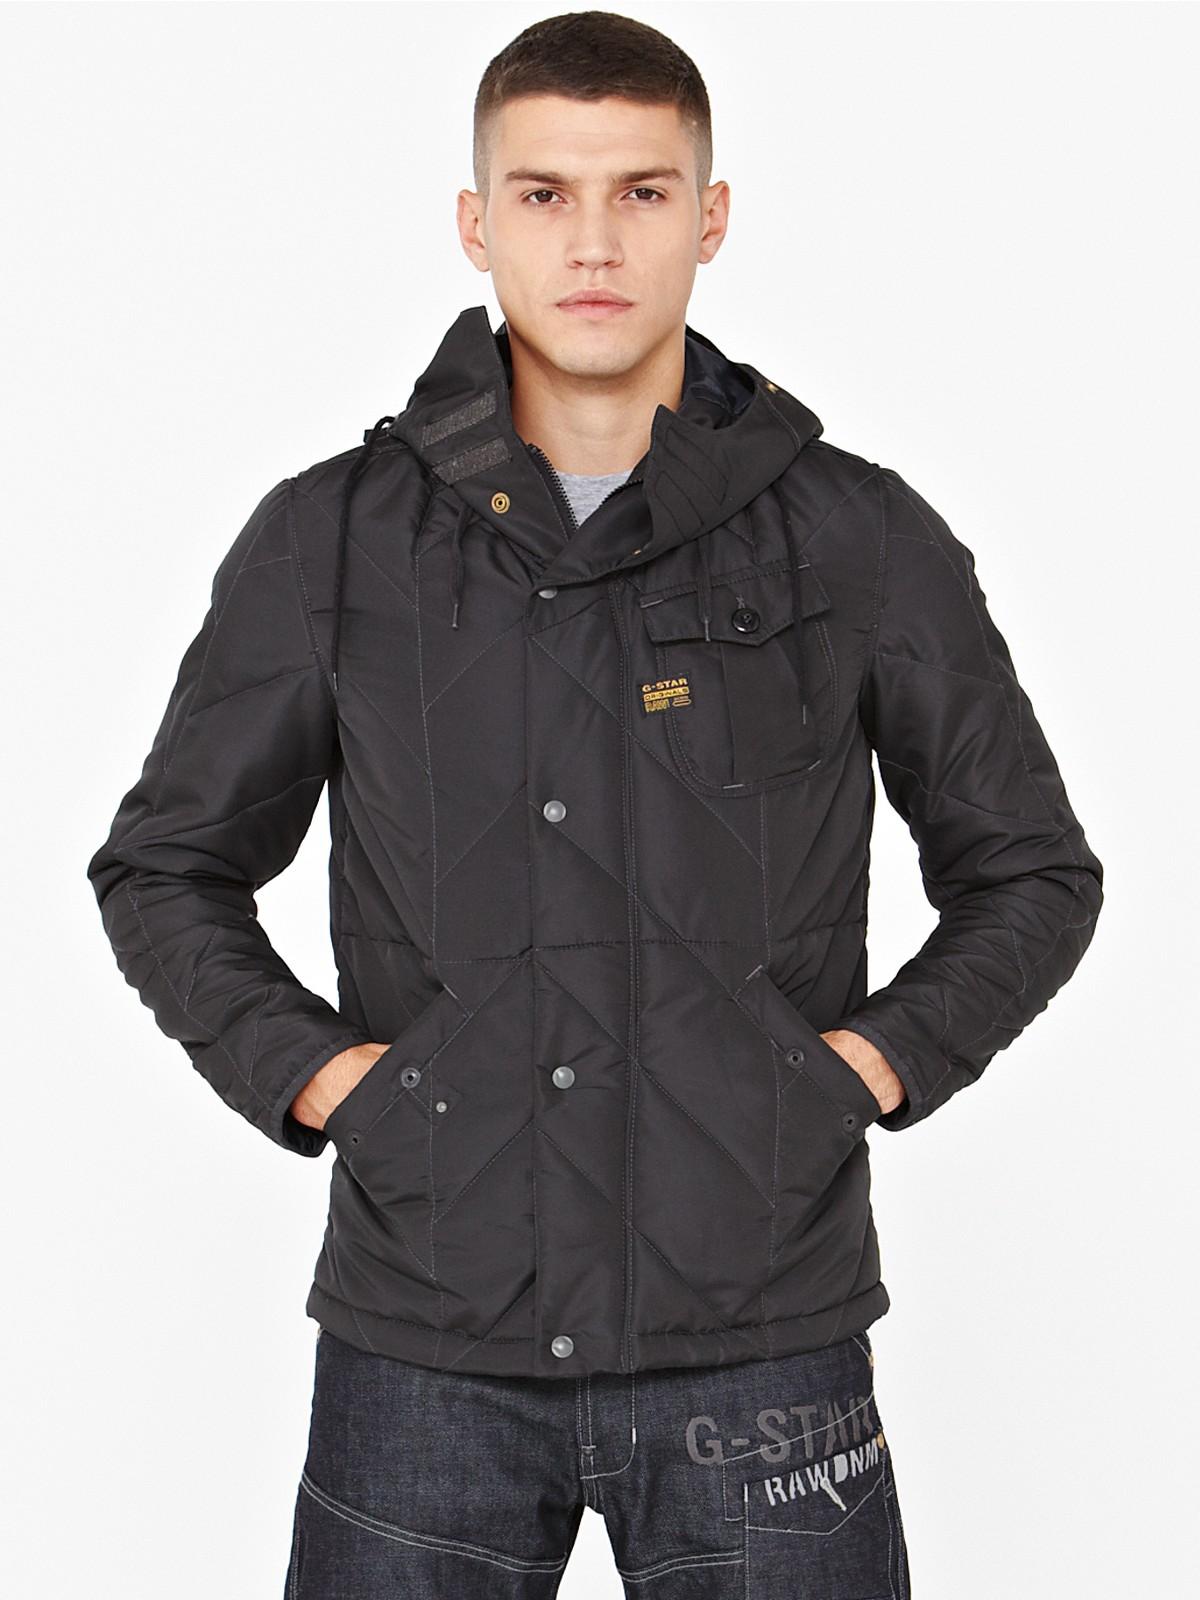 g star raw hooded jacket in black for men raven lyst. Black Bedroom Furniture Sets. Home Design Ideas